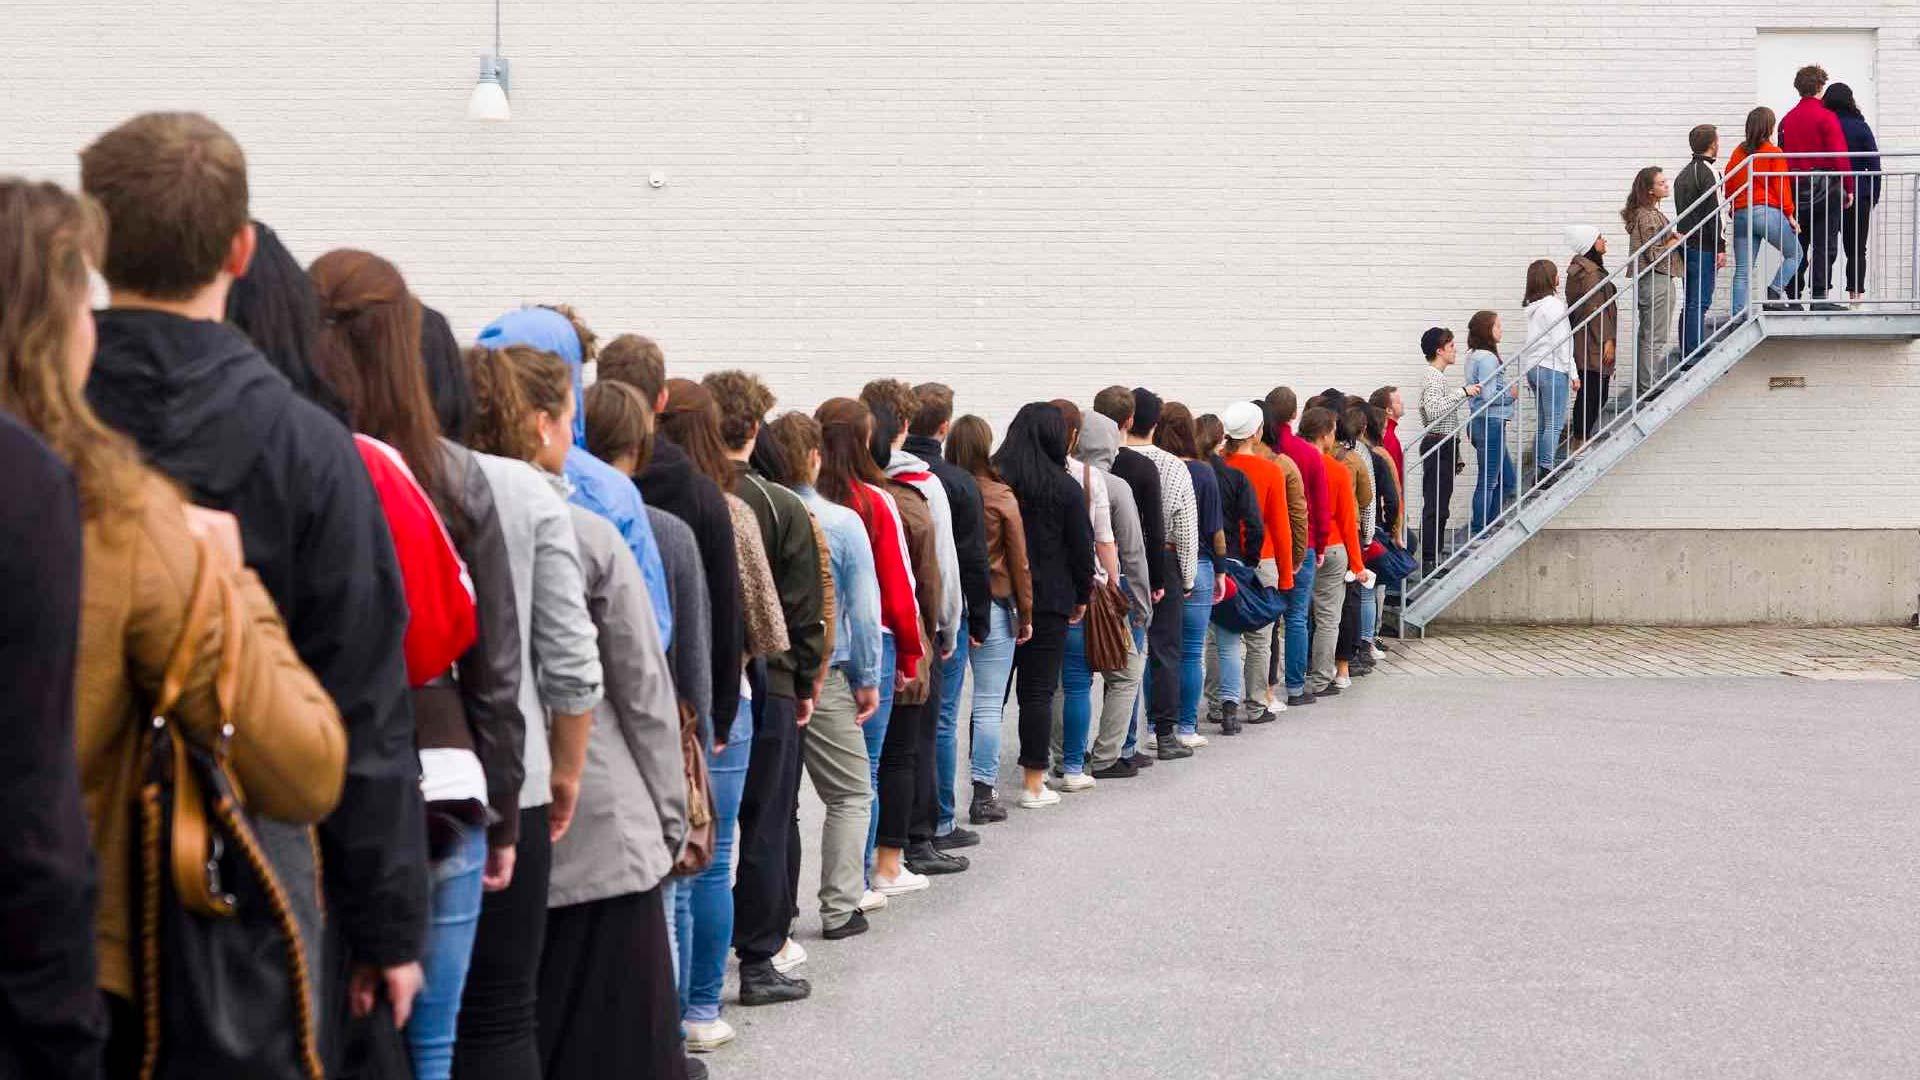 E aí, em que lugar você está na fila das pessoas que tenta agradar?